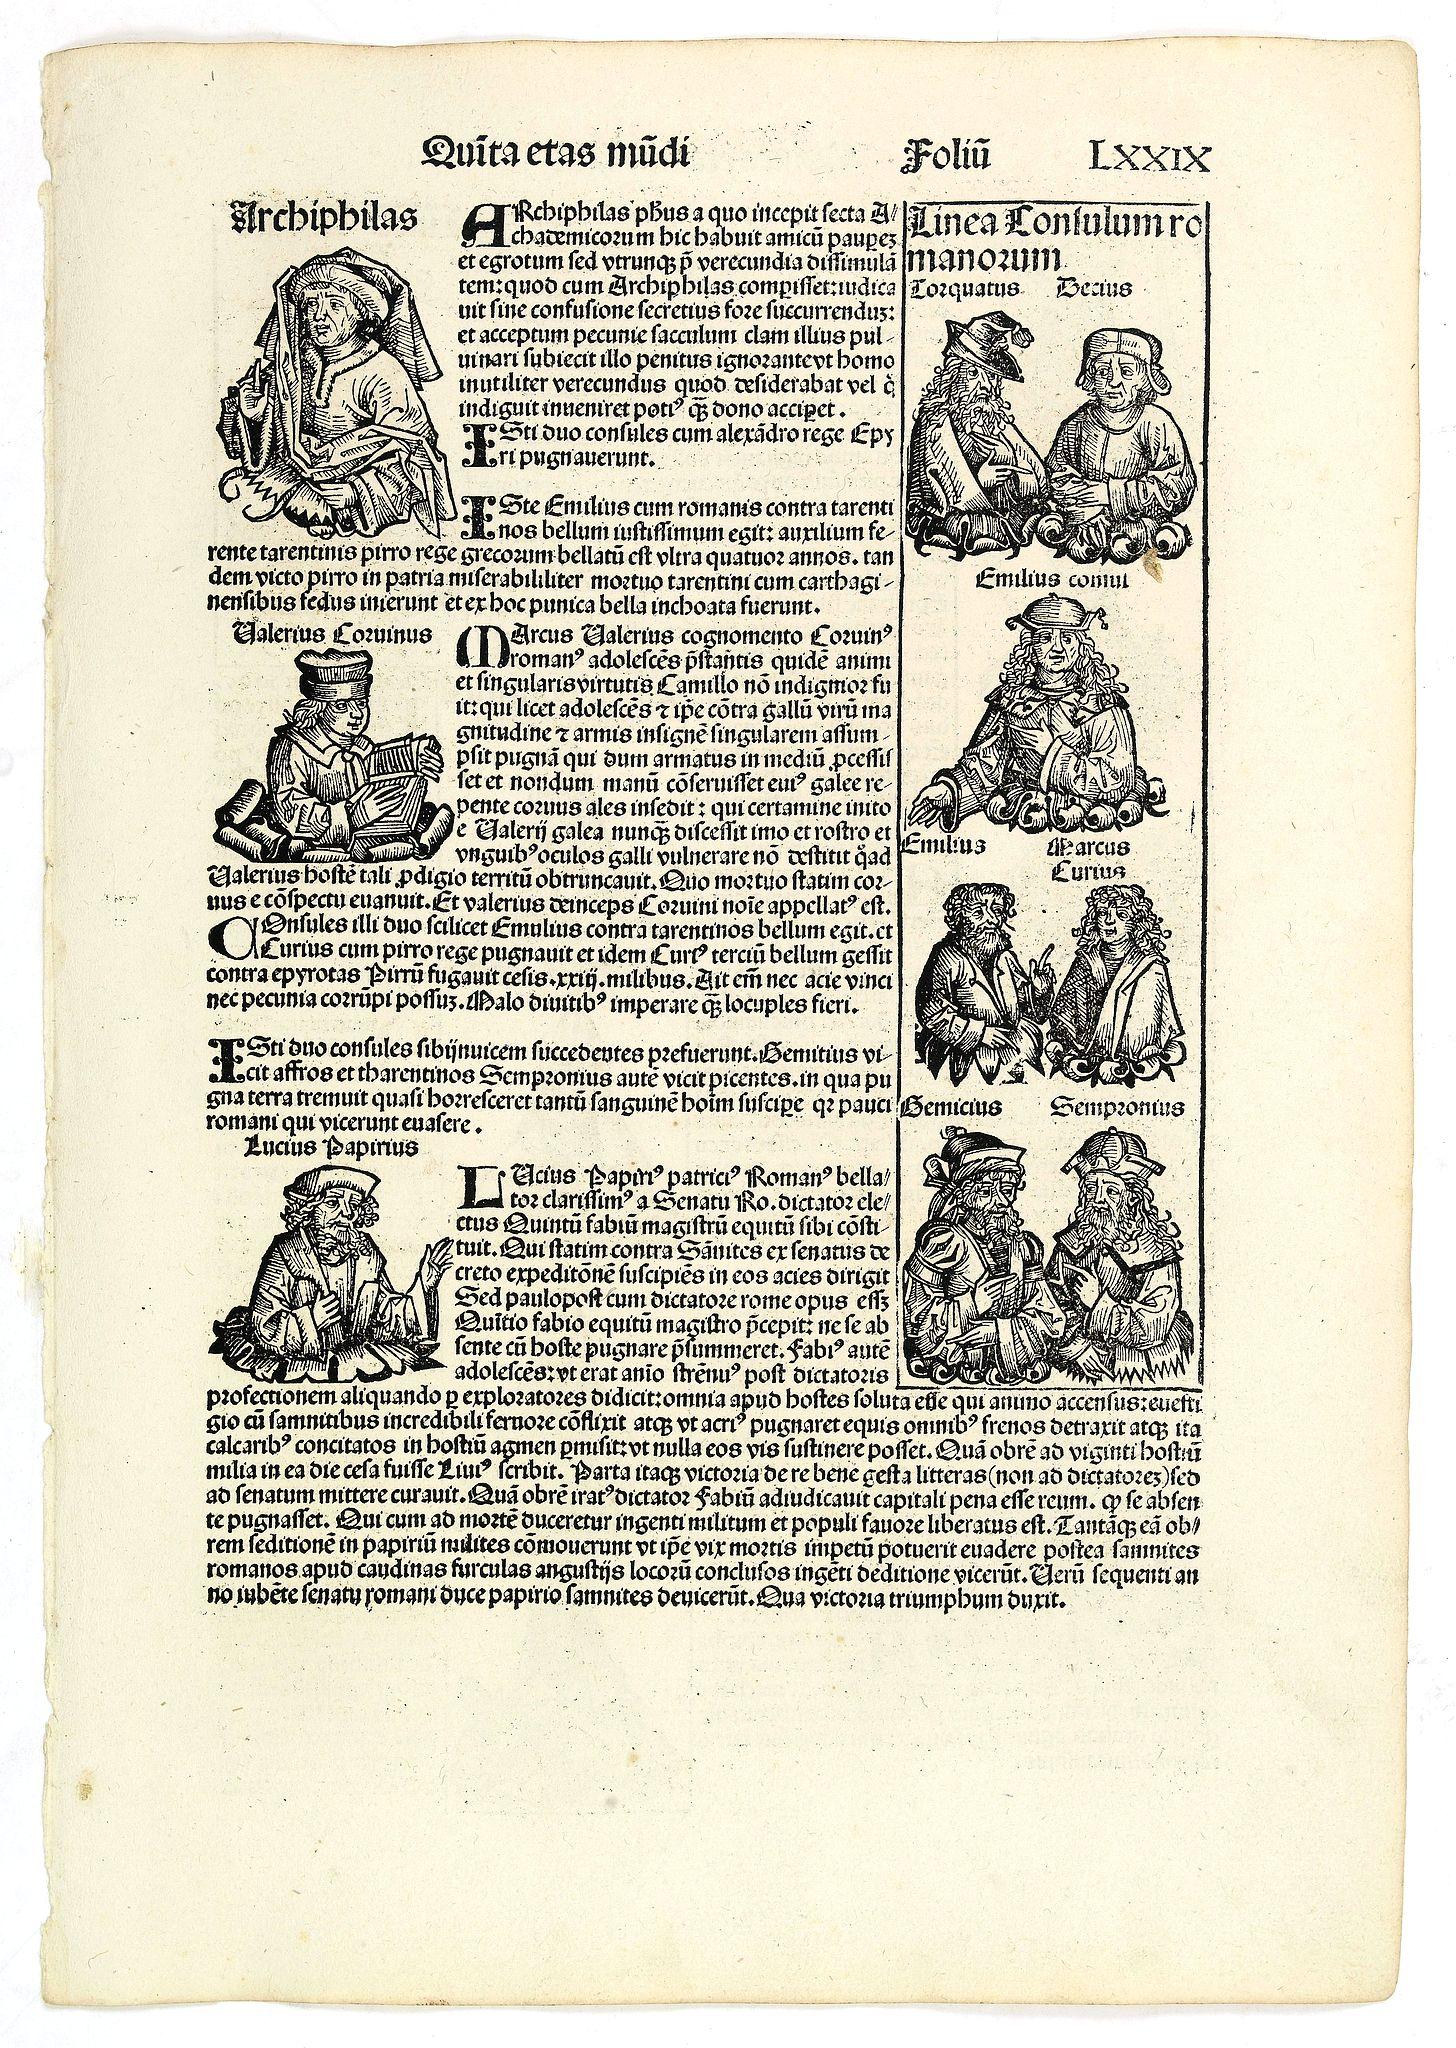 SCHEDEL, H. -  Quita Etas Mundi. Folium.LXXIX